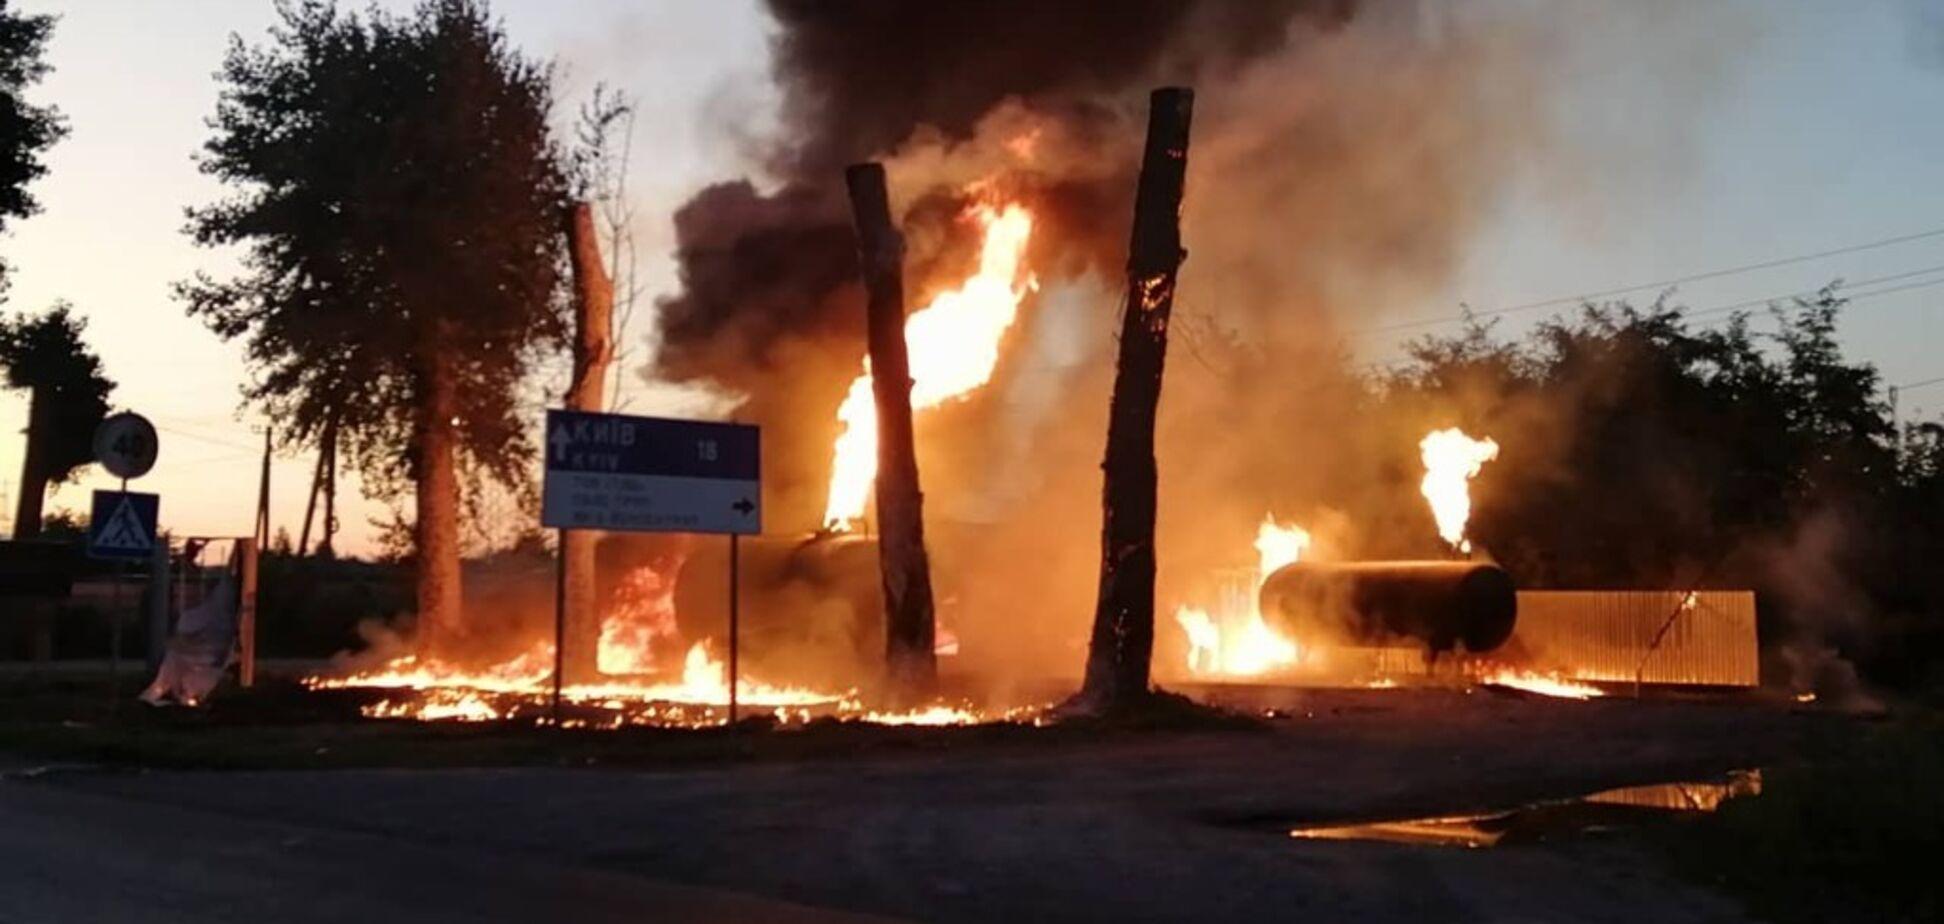 Під Києвом загорівся АЗК: у постраждалого серйозні опіки